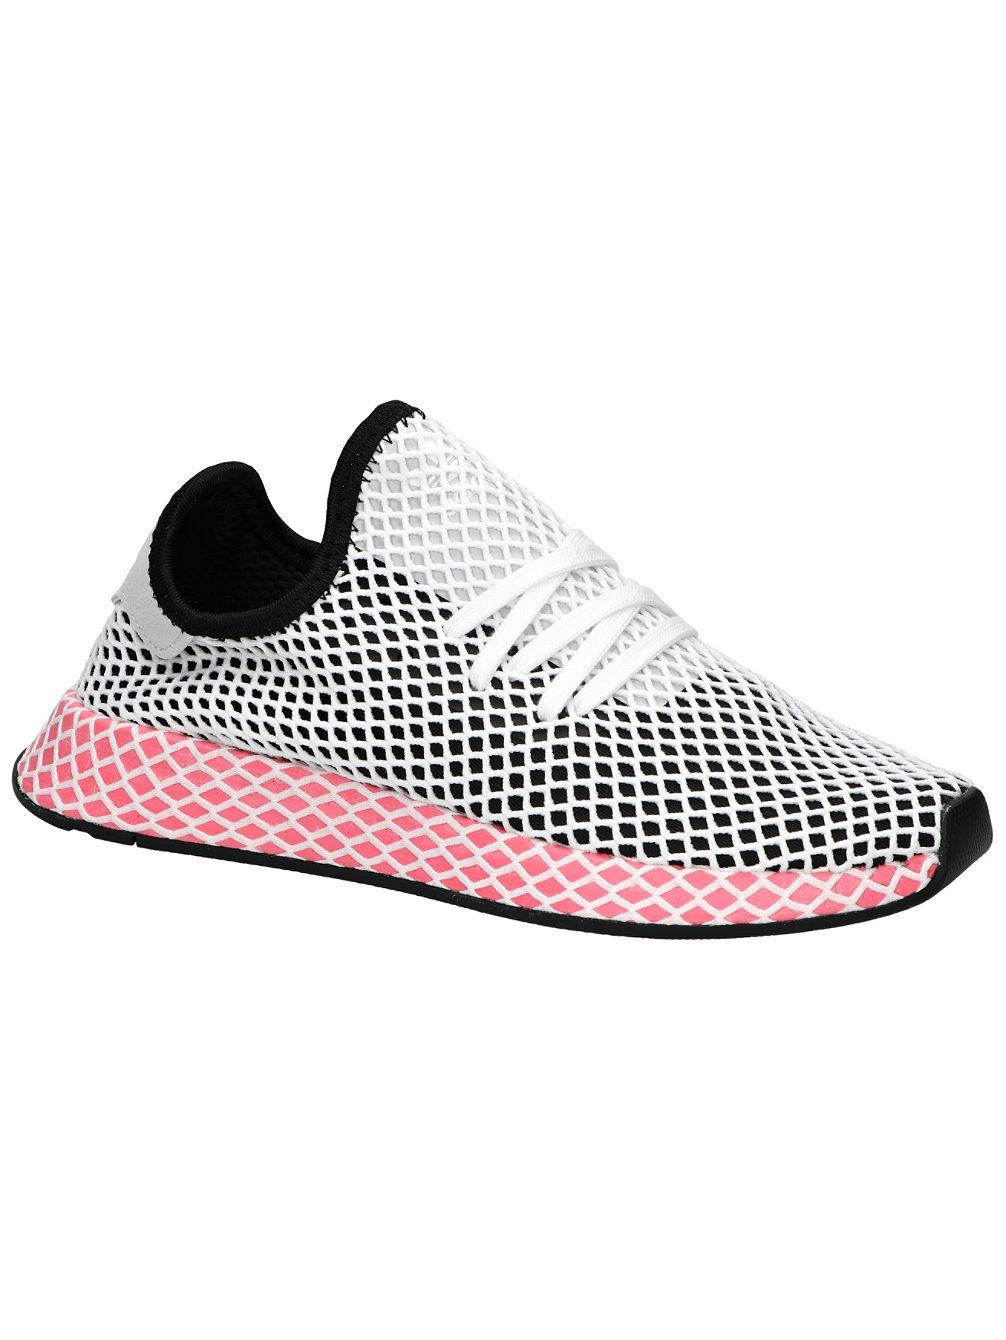 promo code 9242e edcea adidas Originals Deerupt Sneakers Women